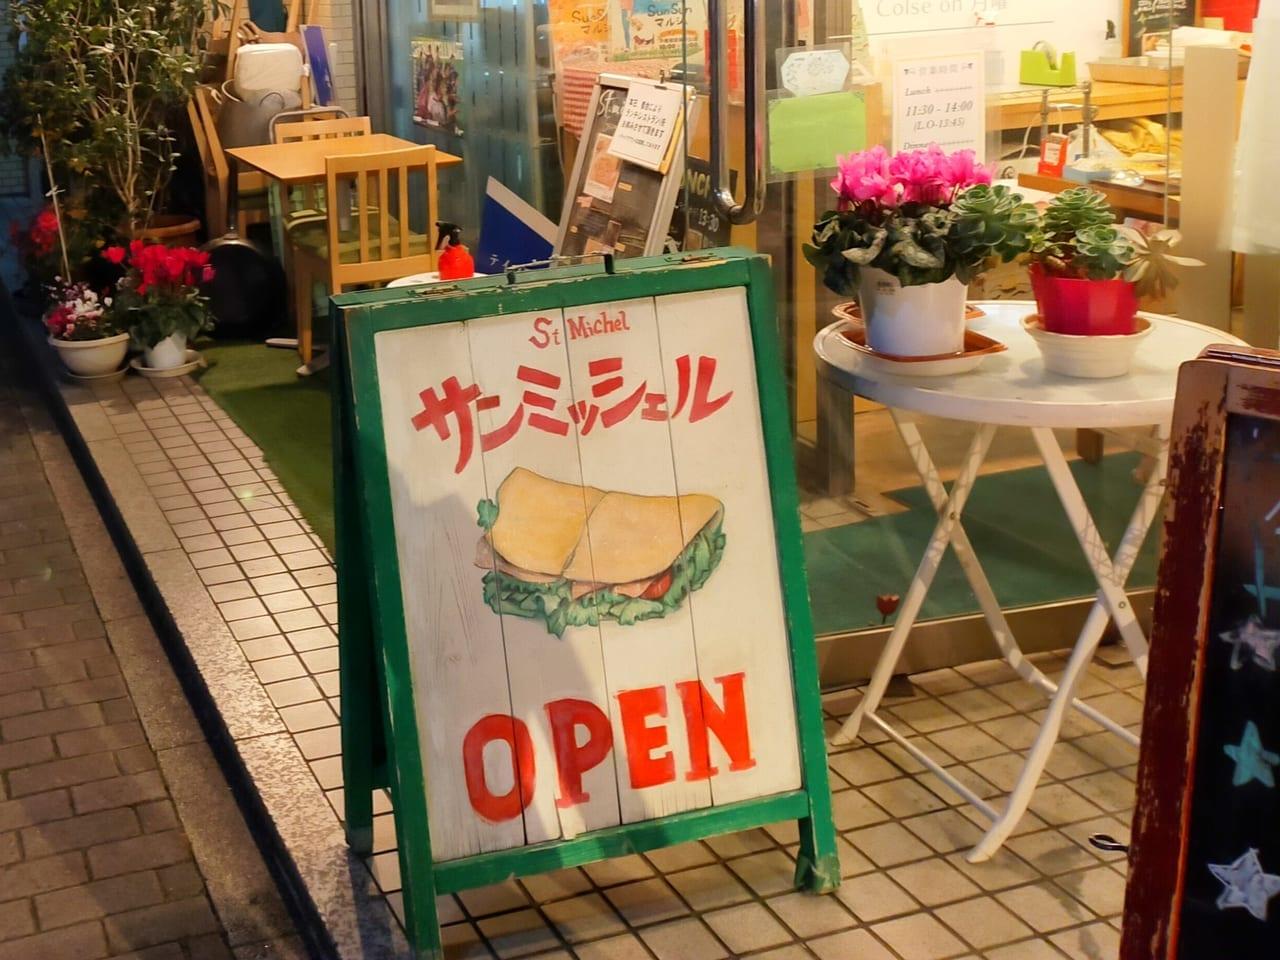 平塚のソウルフード、湘南タコスの「サンミッシェル」がテクアウト専門の新店舗「サンミッシェルTokunobu」を2021年2月5日(金)にオープンします!